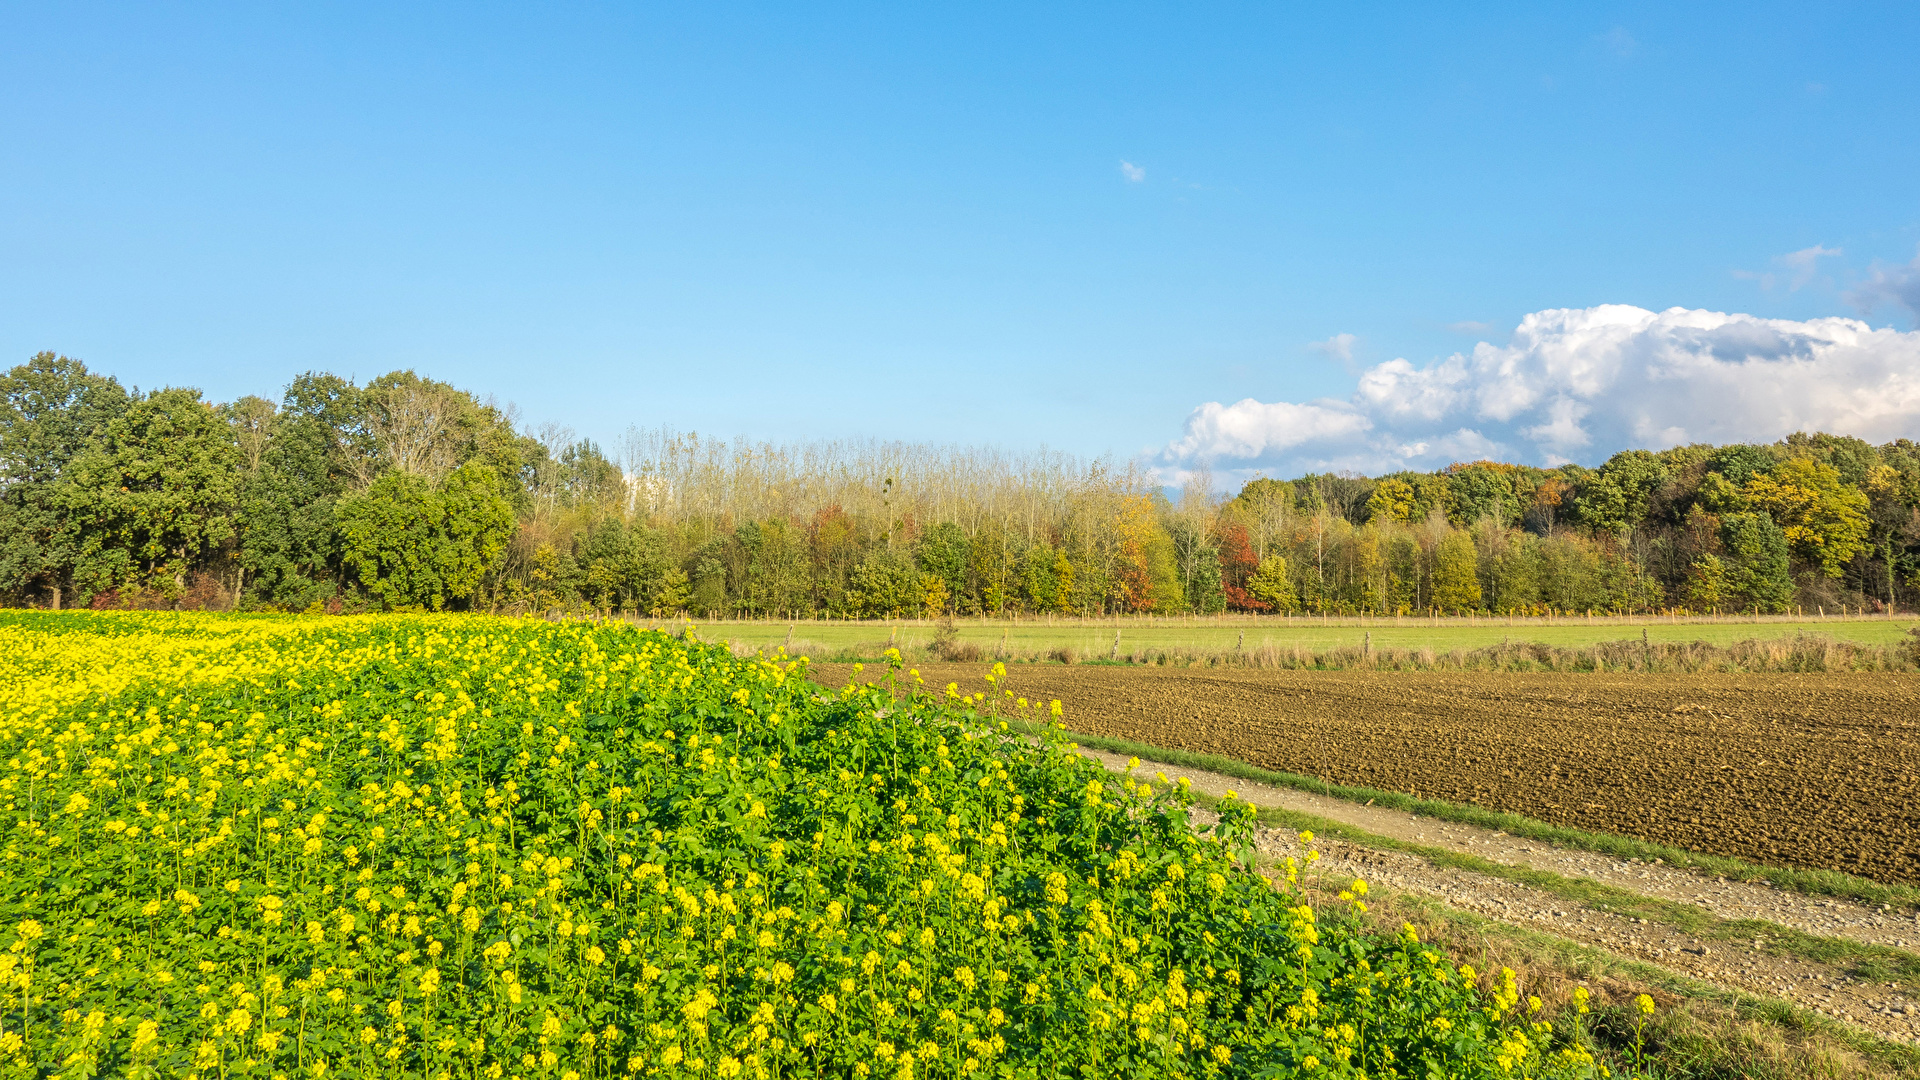 Фотография Бельгия Houwaart Vlaams Brabant Природа весенние Поля 1920x1080 Весна